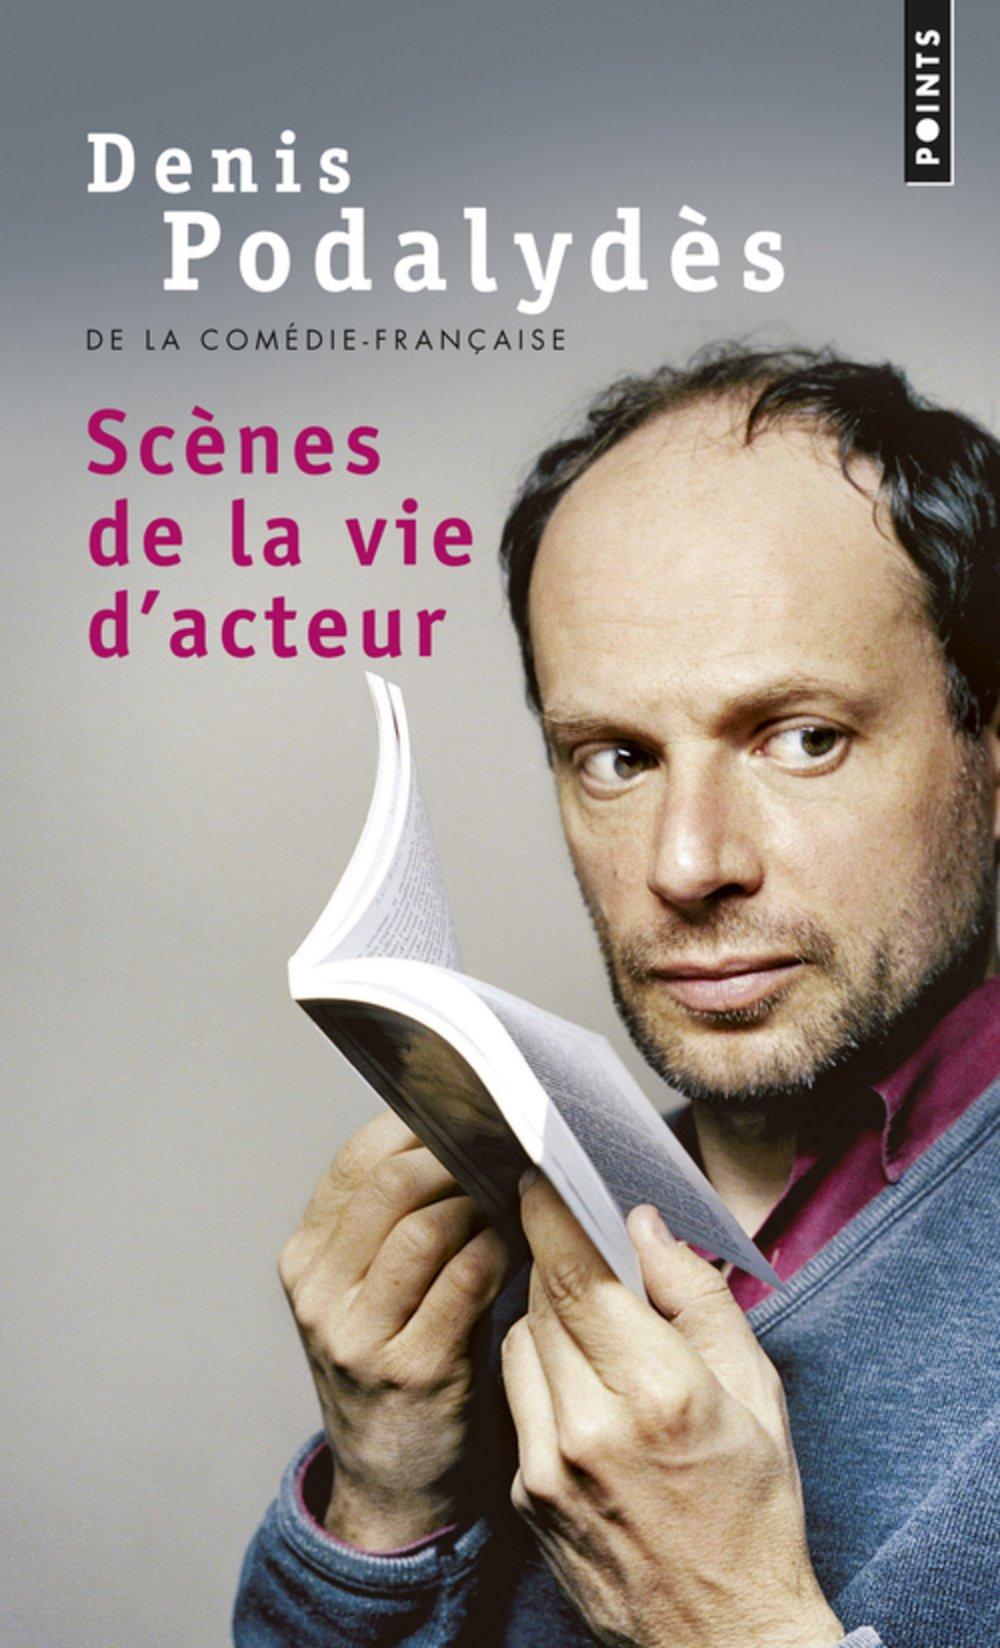 Scène de la vie d'acteur - Denis Podalydès